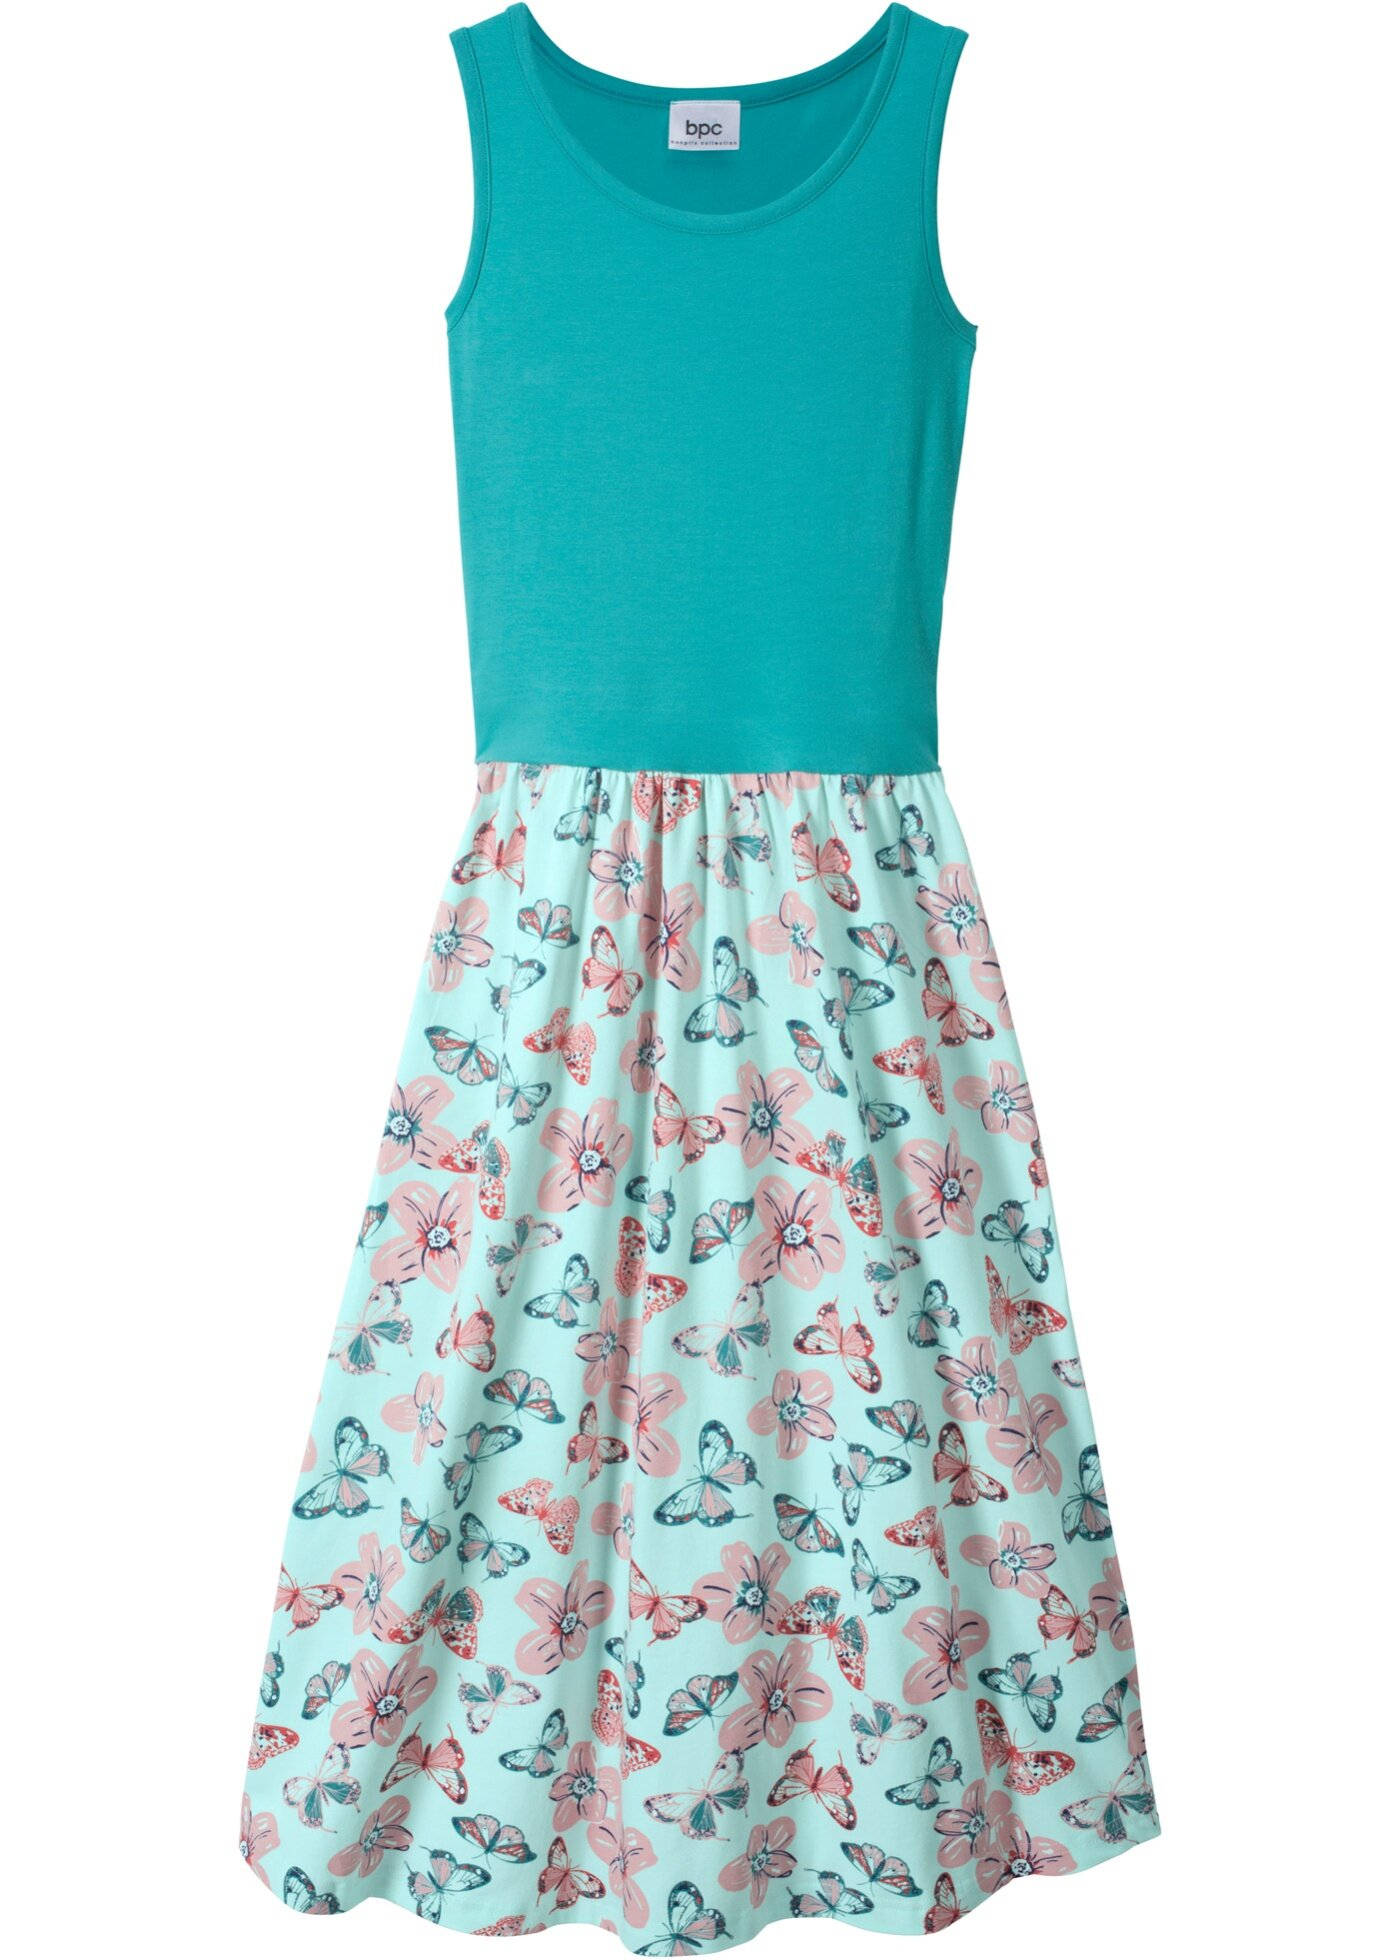 bonprix Платье летнее для девочек